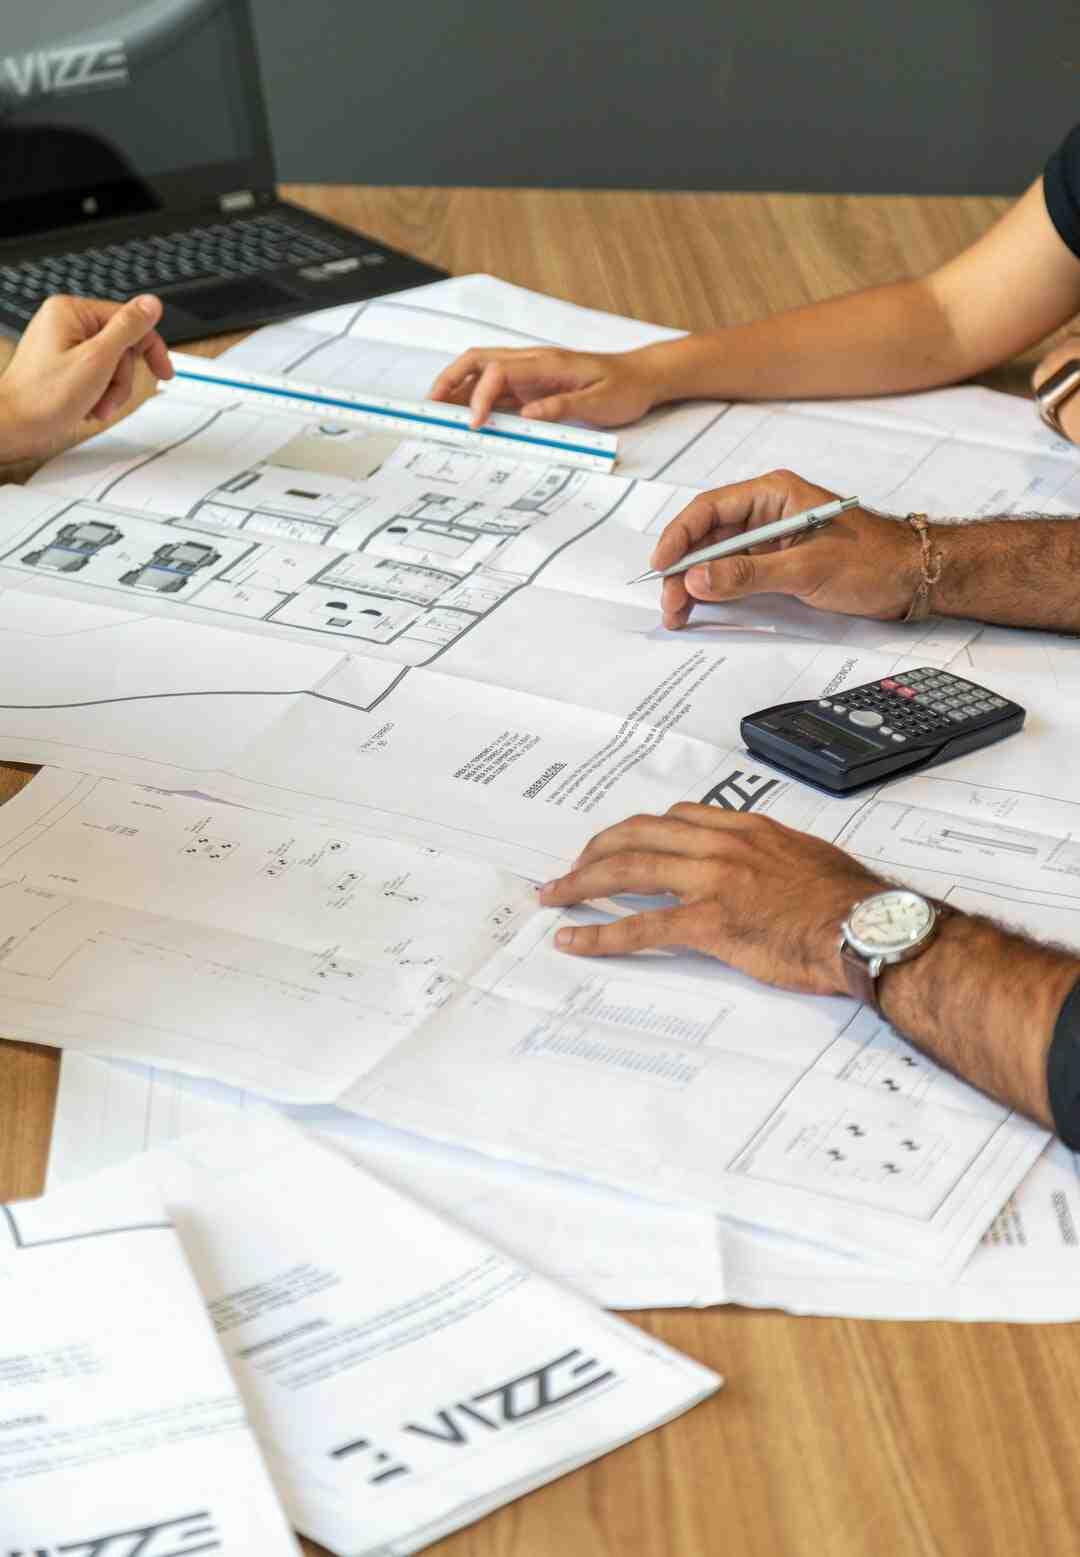 Comment faire intervenir un architecte ?